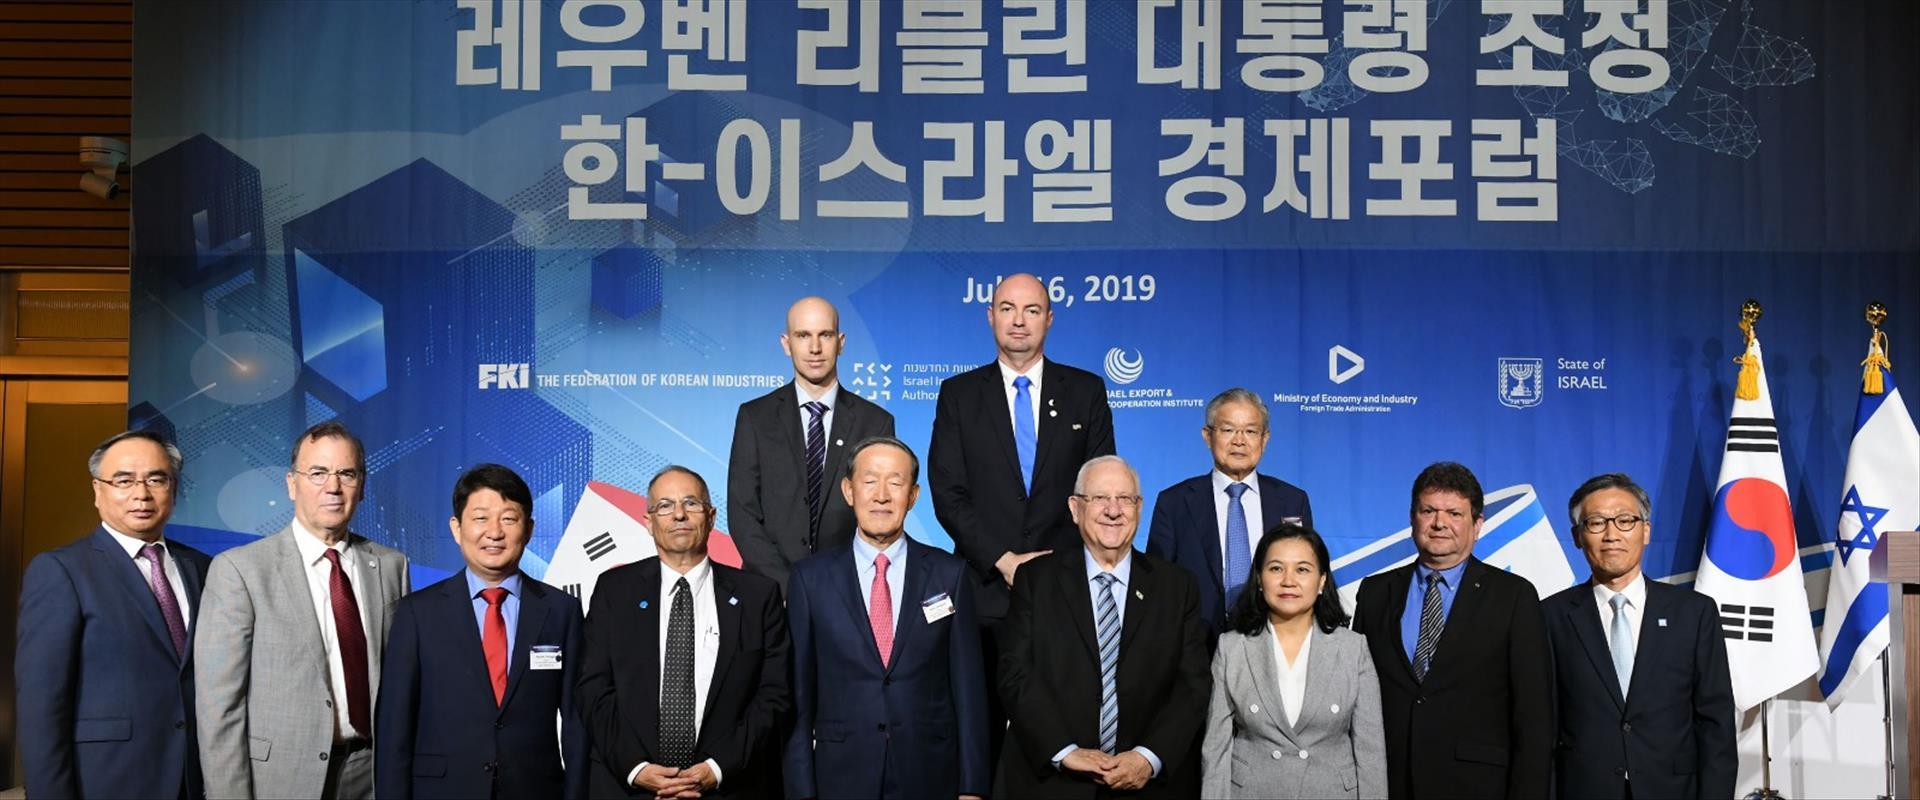 ריבלין מבקר בקוריאה הדרומית